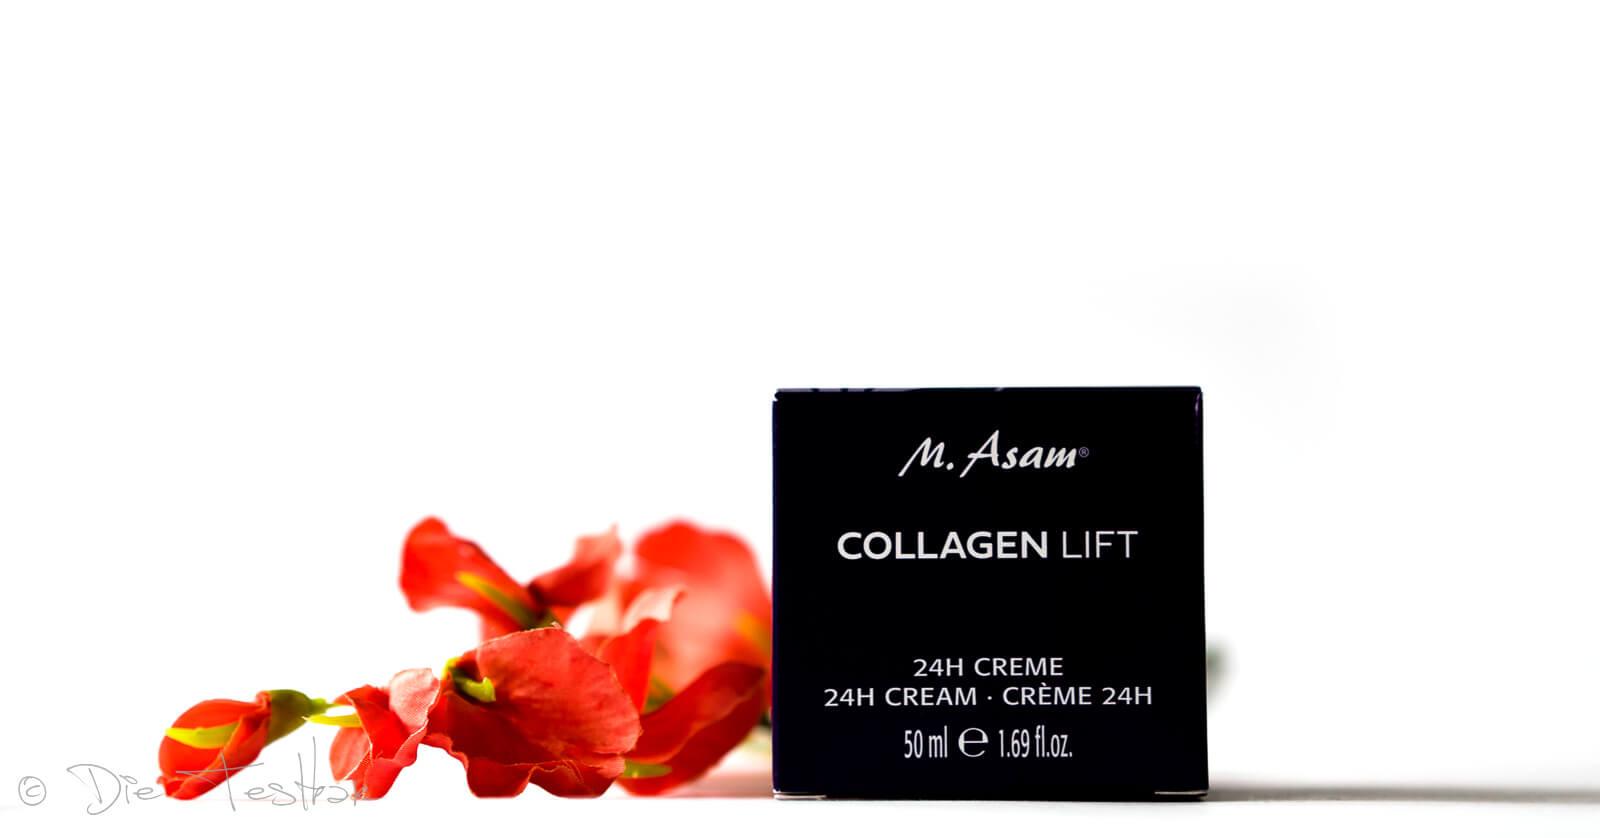 COLLAGEN LIFT 24h Creme von M. Asam